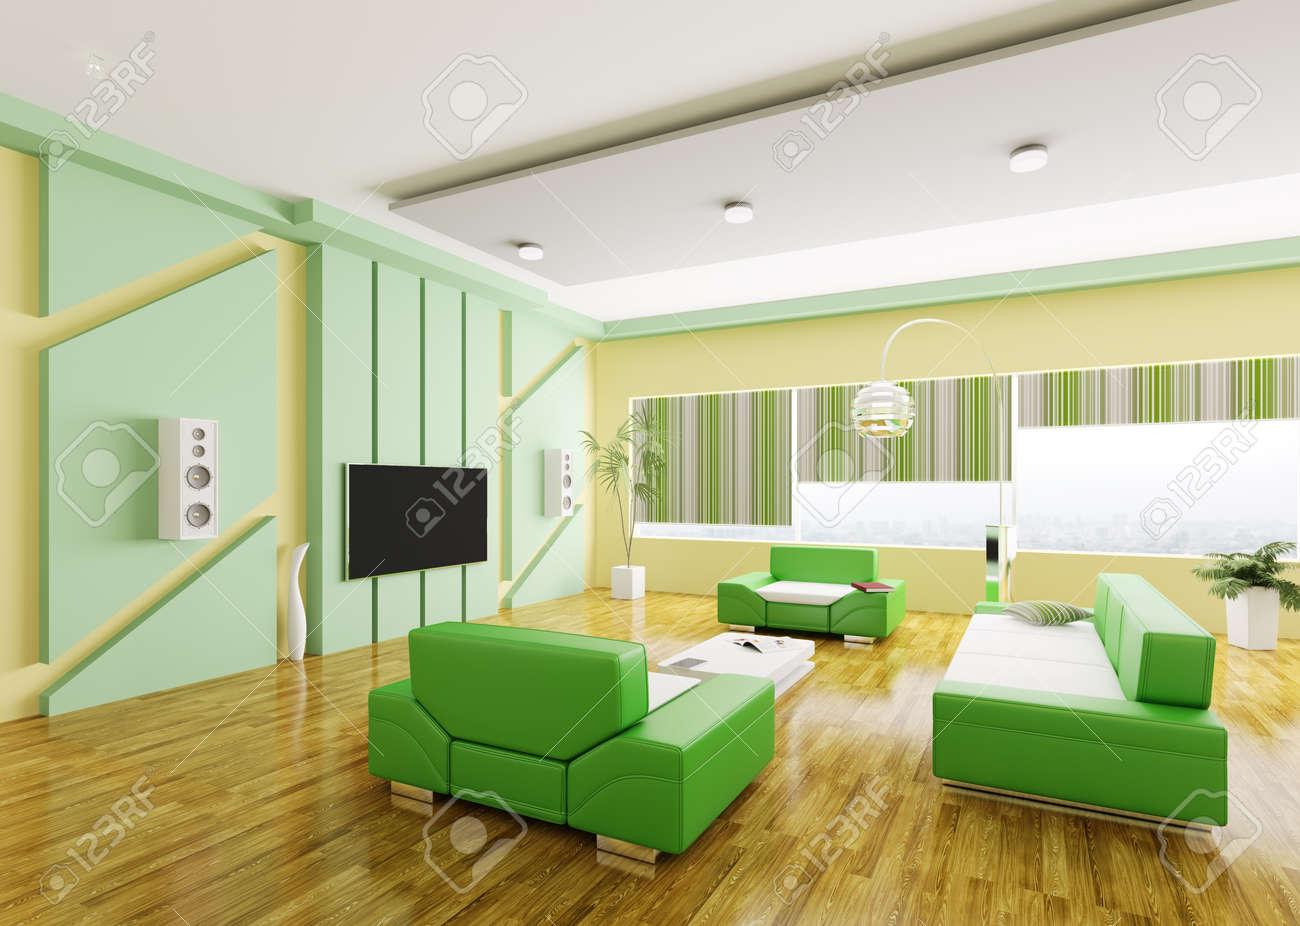 Interior Of Modern Gelb Grün Wohnzimmer 3d Render Lizenzfreie Fotos ...